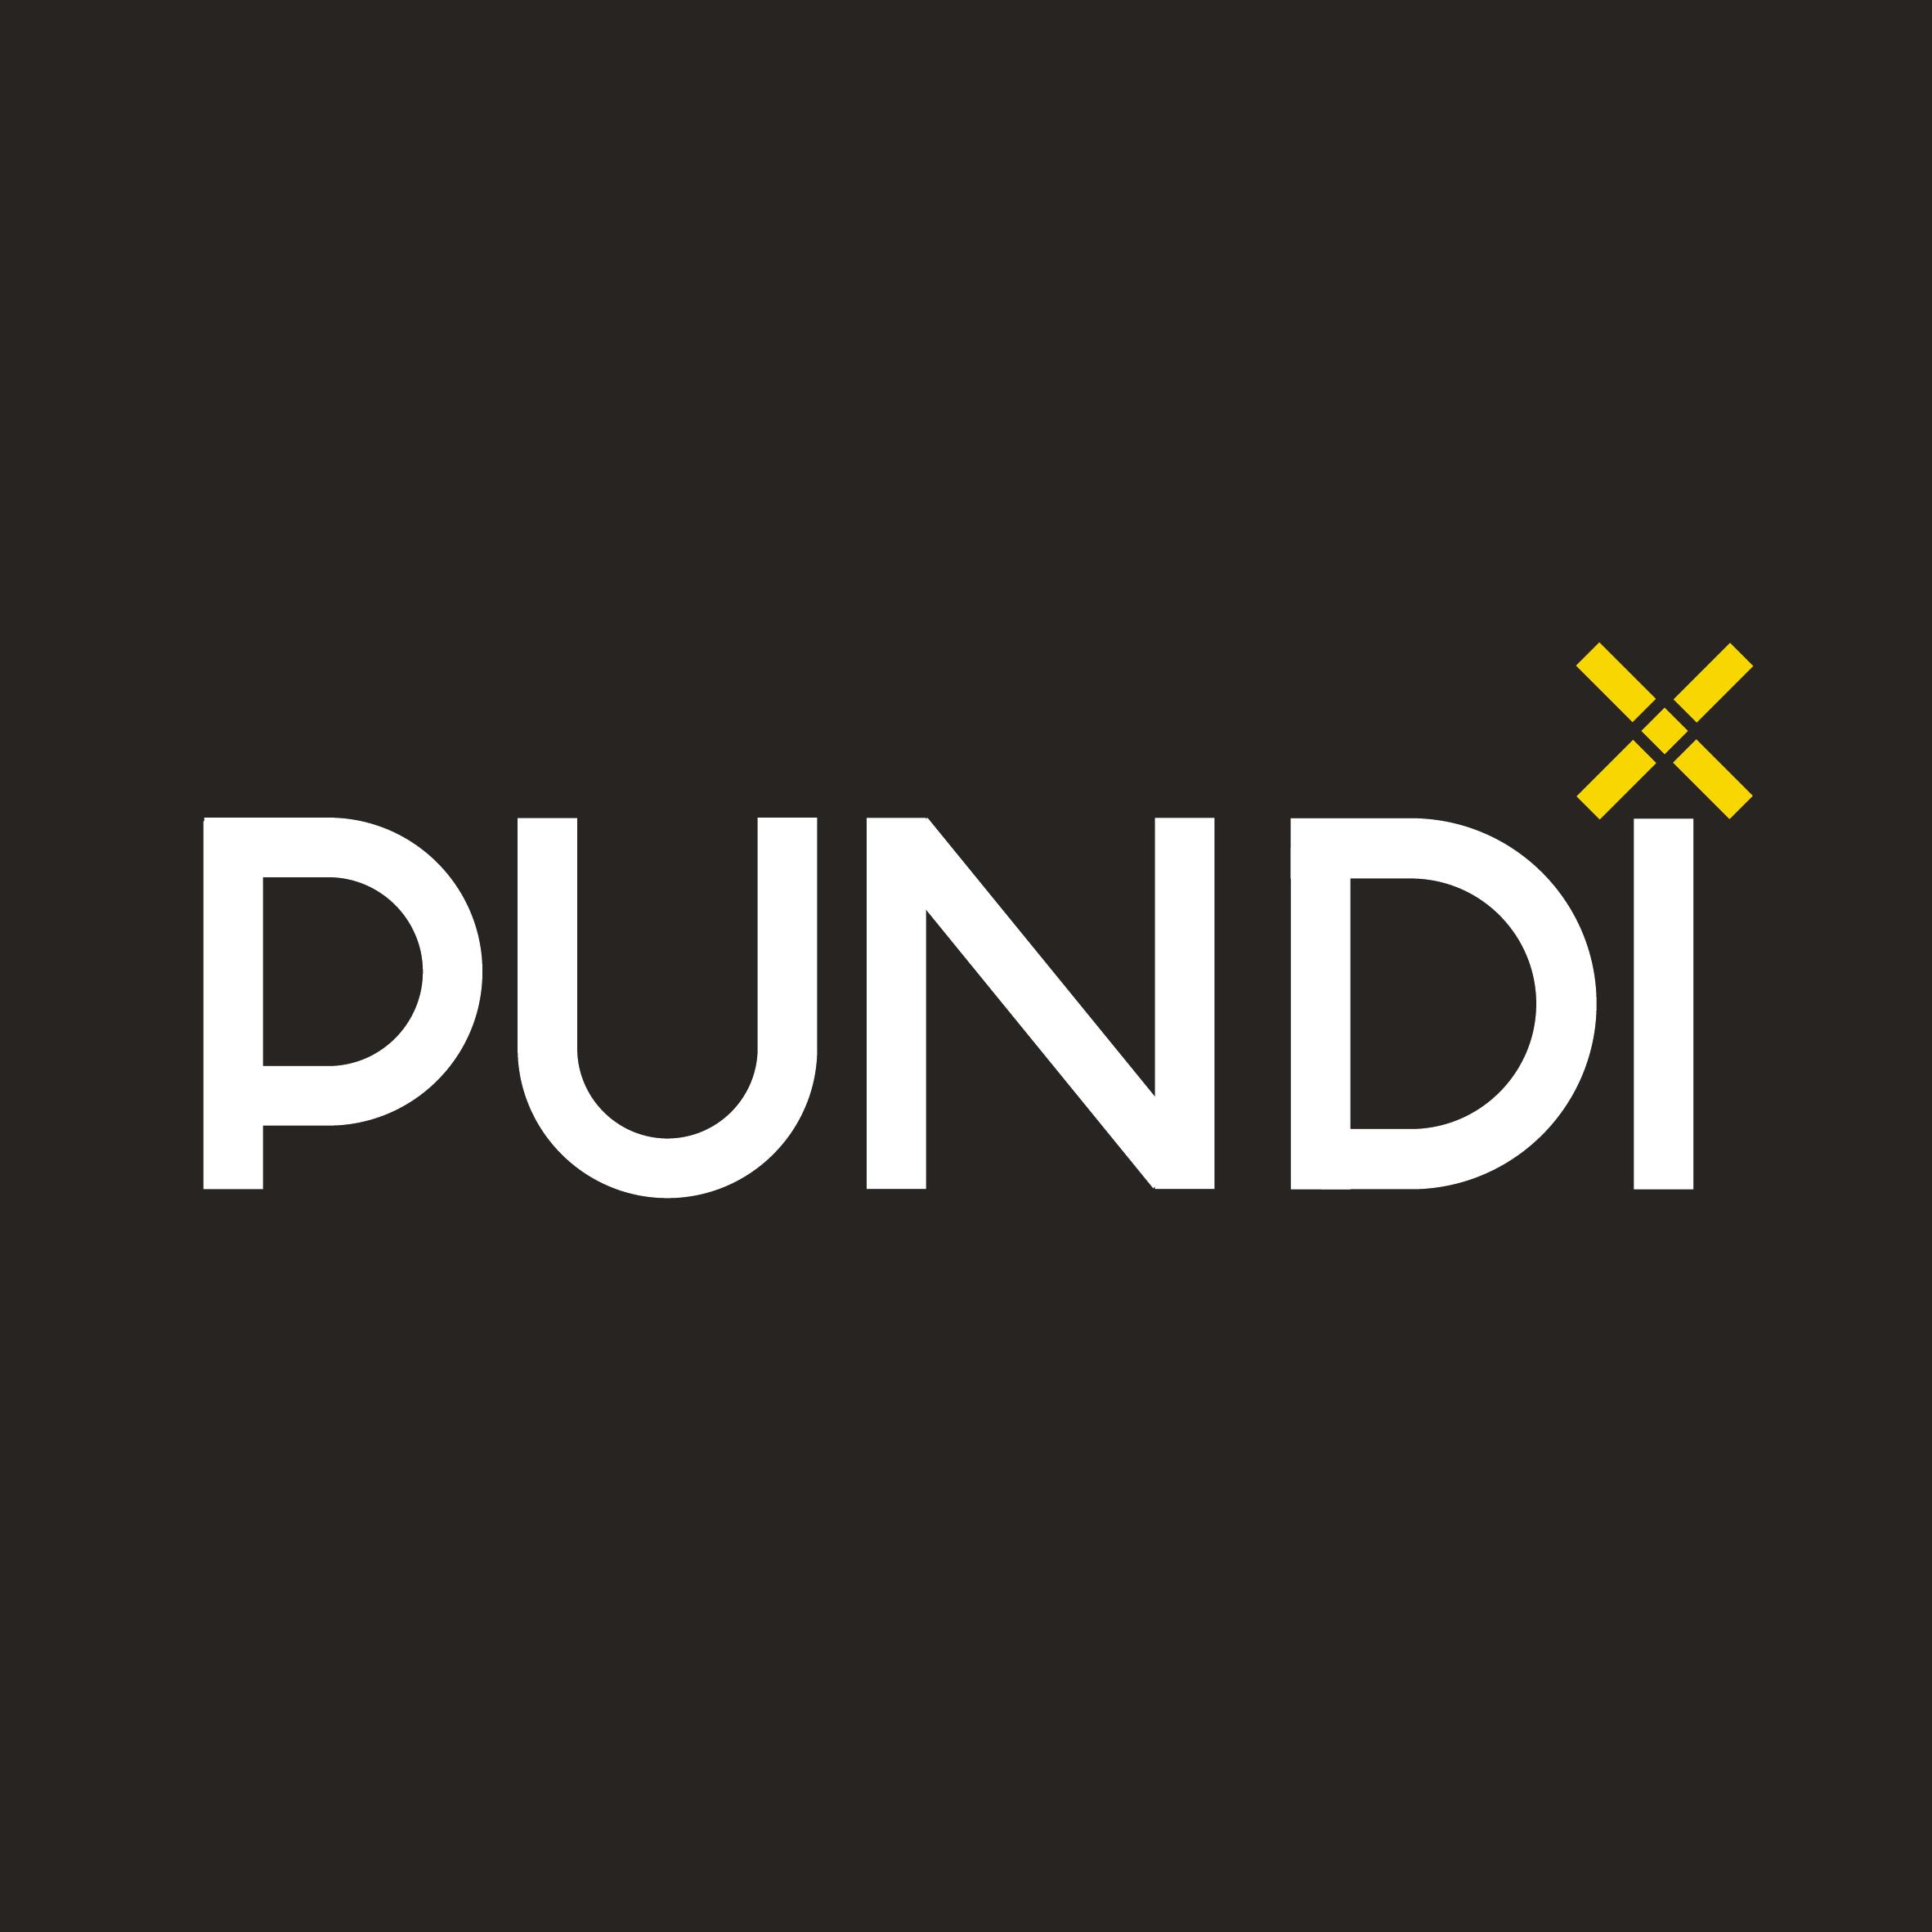 Pundi X company logo